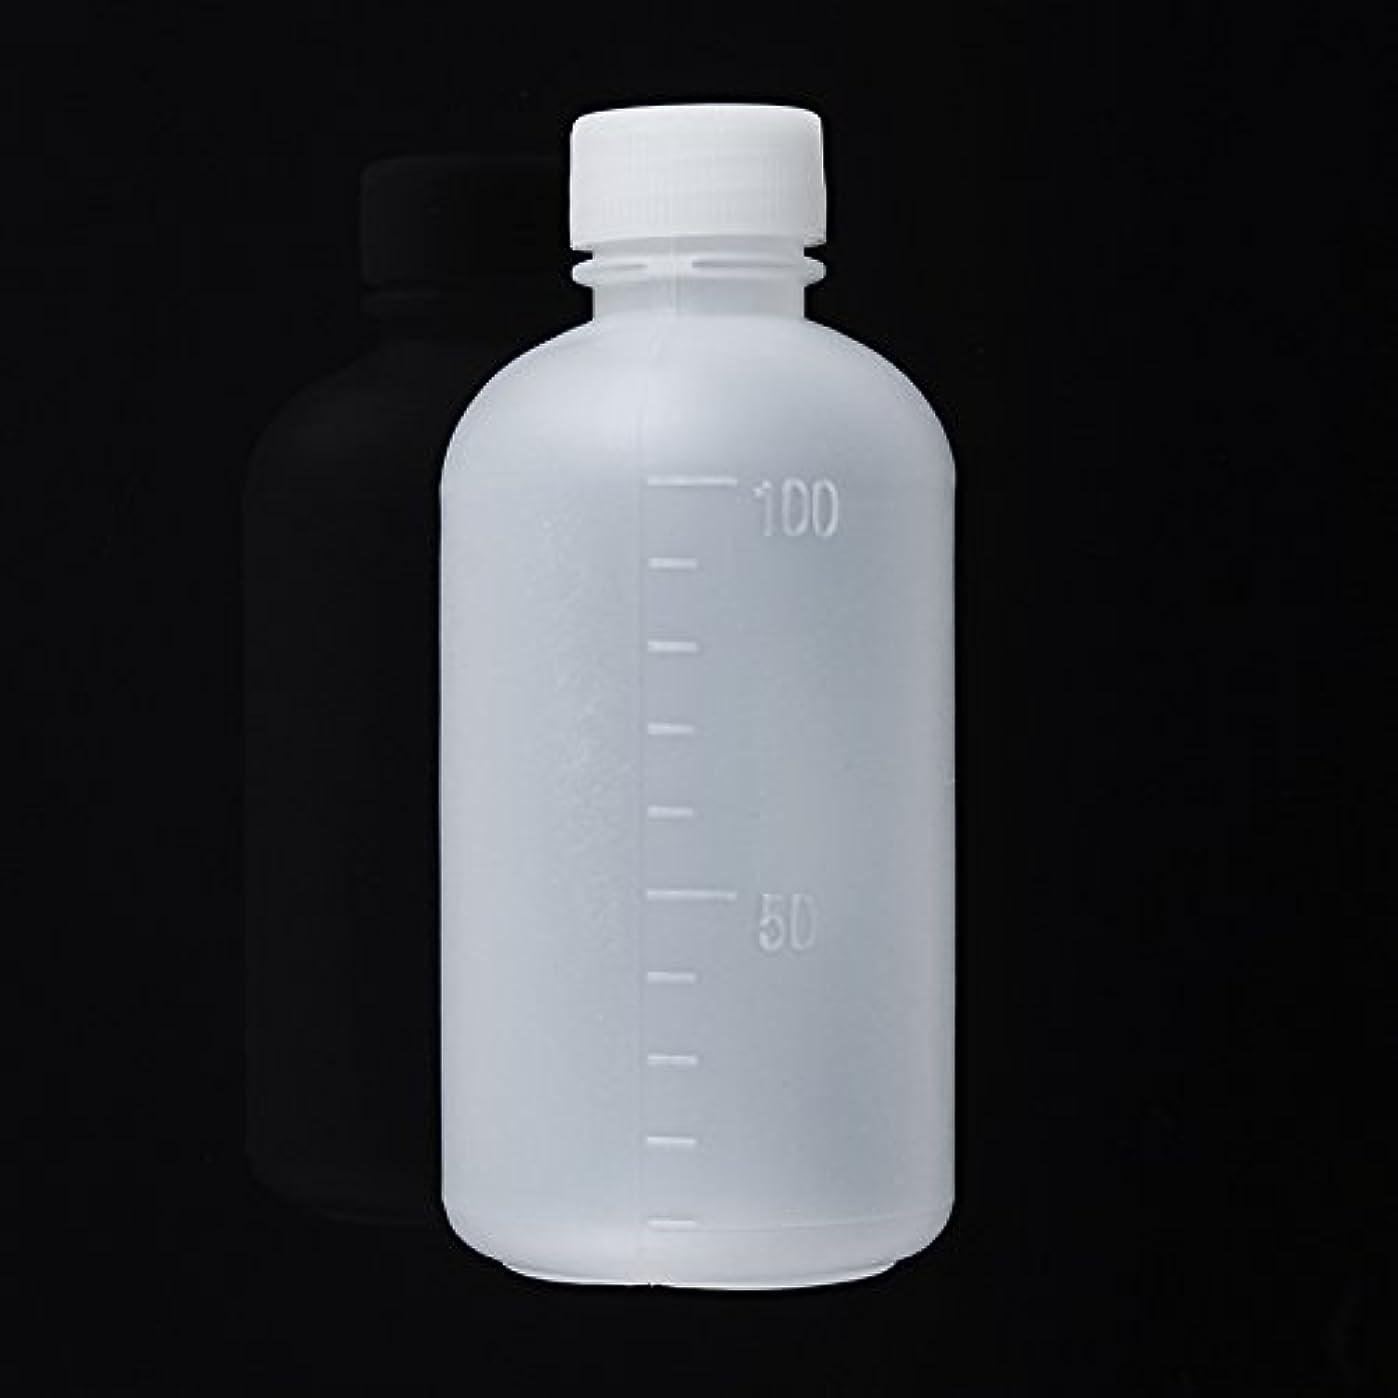 電話あえぎ補体Queenwind 100mL 空のプラスチックサンプル試薬の液体の貯蔵のびんは小さい口の実験室の容器を卒業した